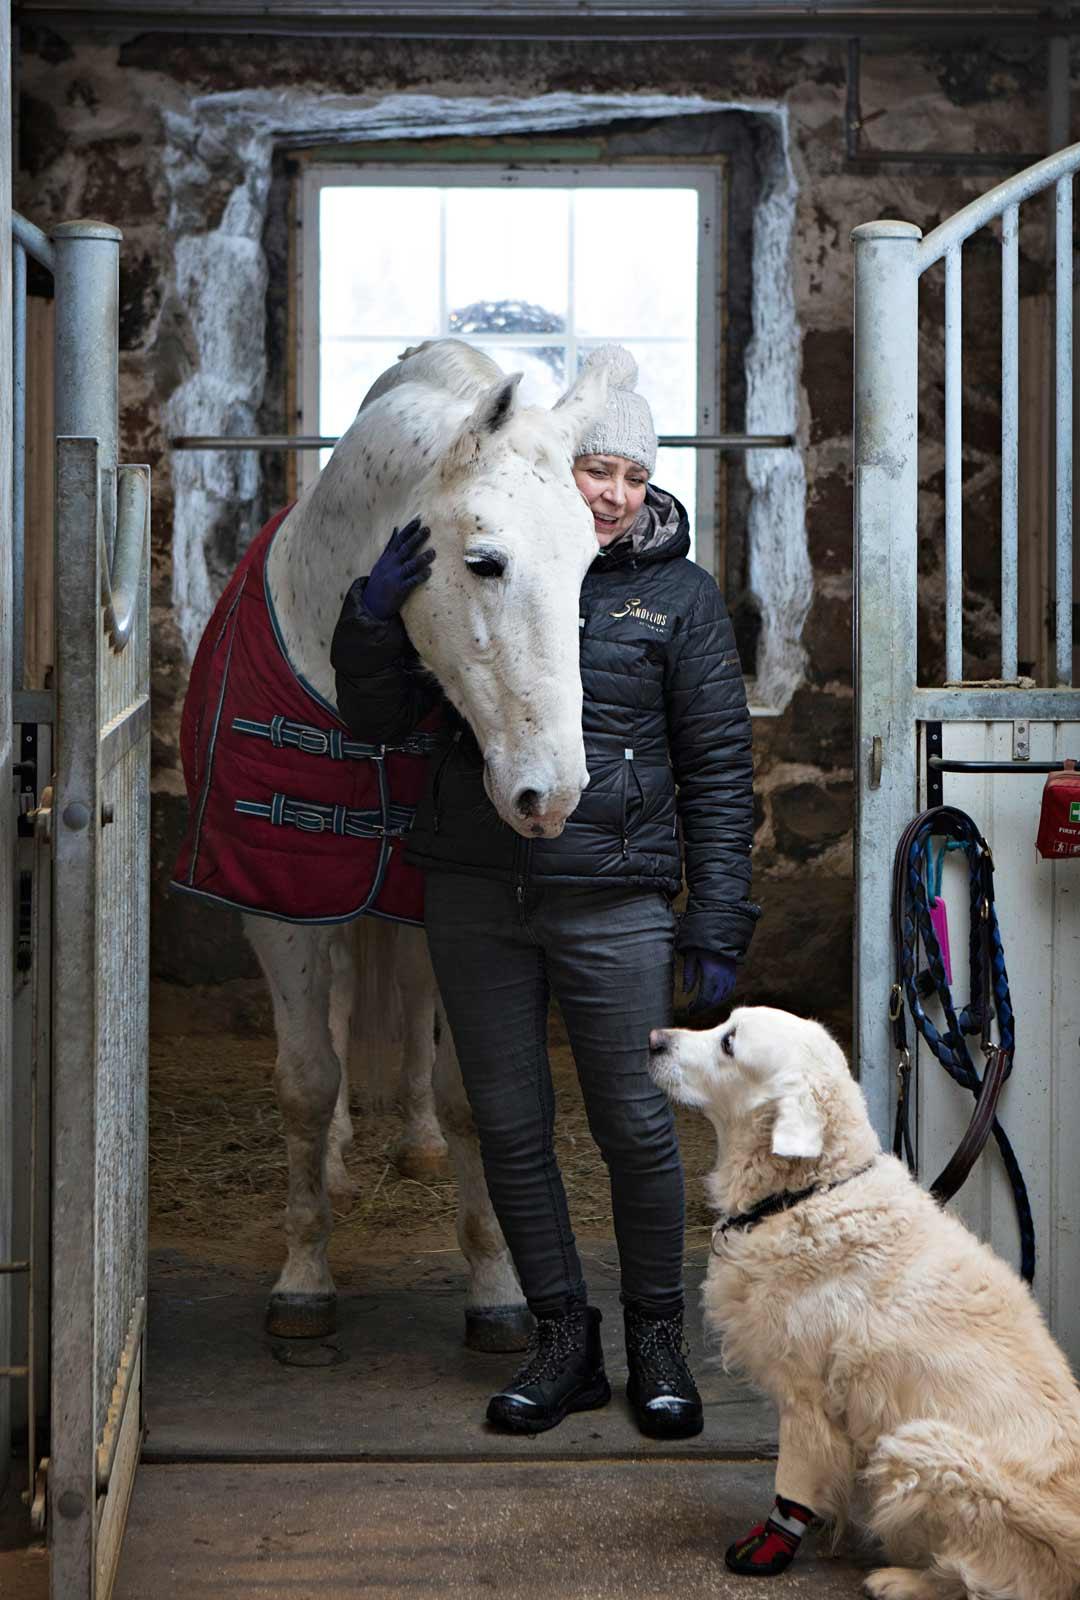 Eläimet, kuten lipizza Sandor ja kultainennoutaja Salino, ovat Carolinalle kaikki kaikessa. Jouluisin myös eläimet saavat lahjoja